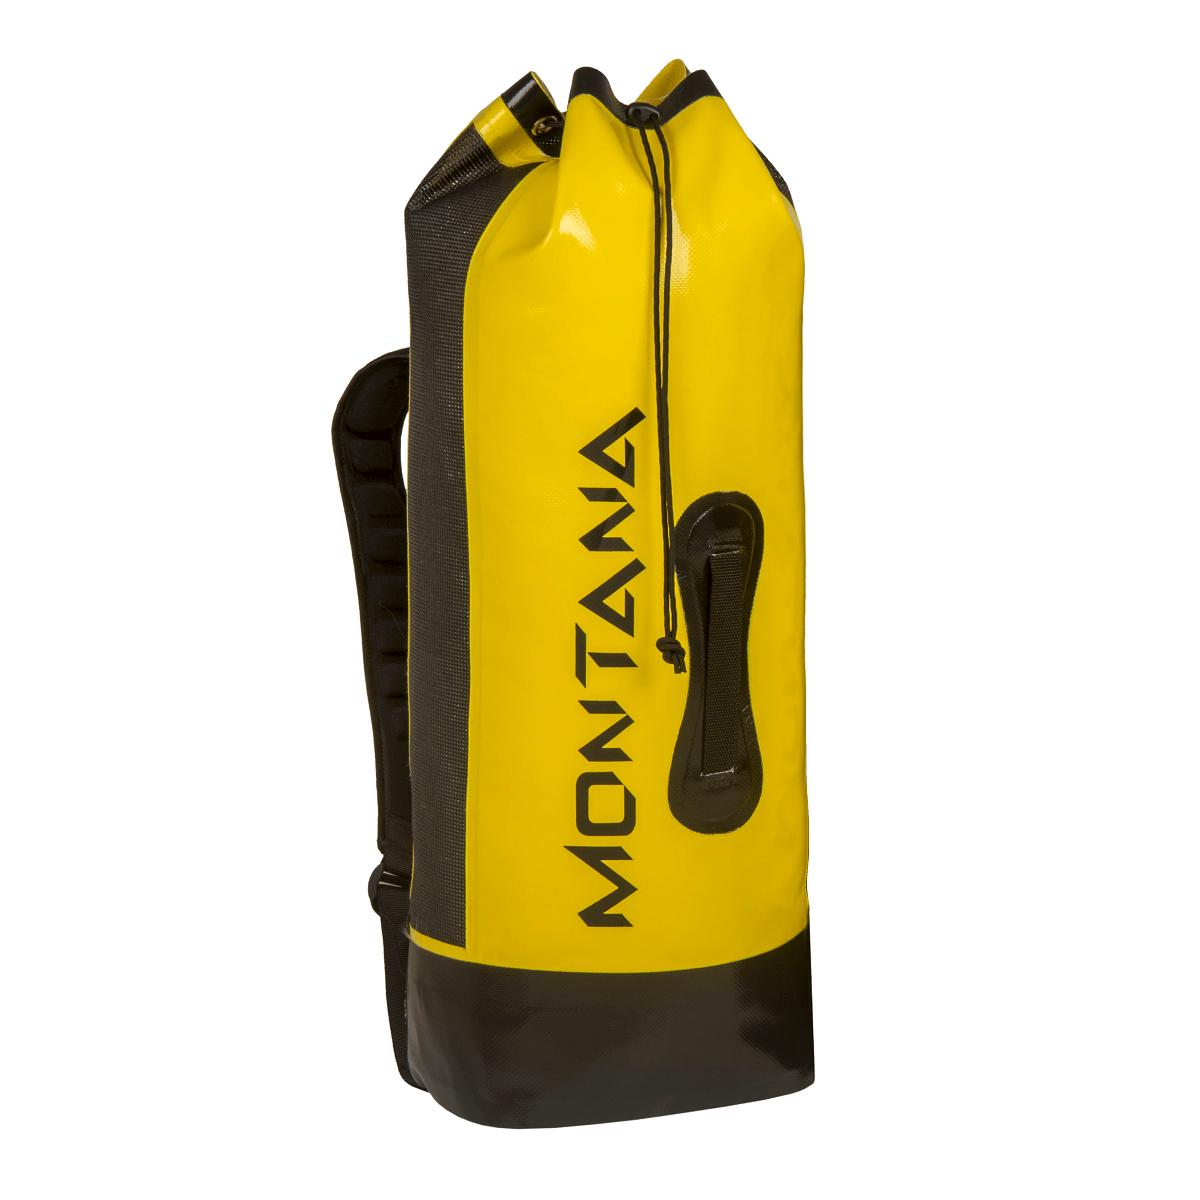 Mochila para Corda Grande 45 litros - Montana